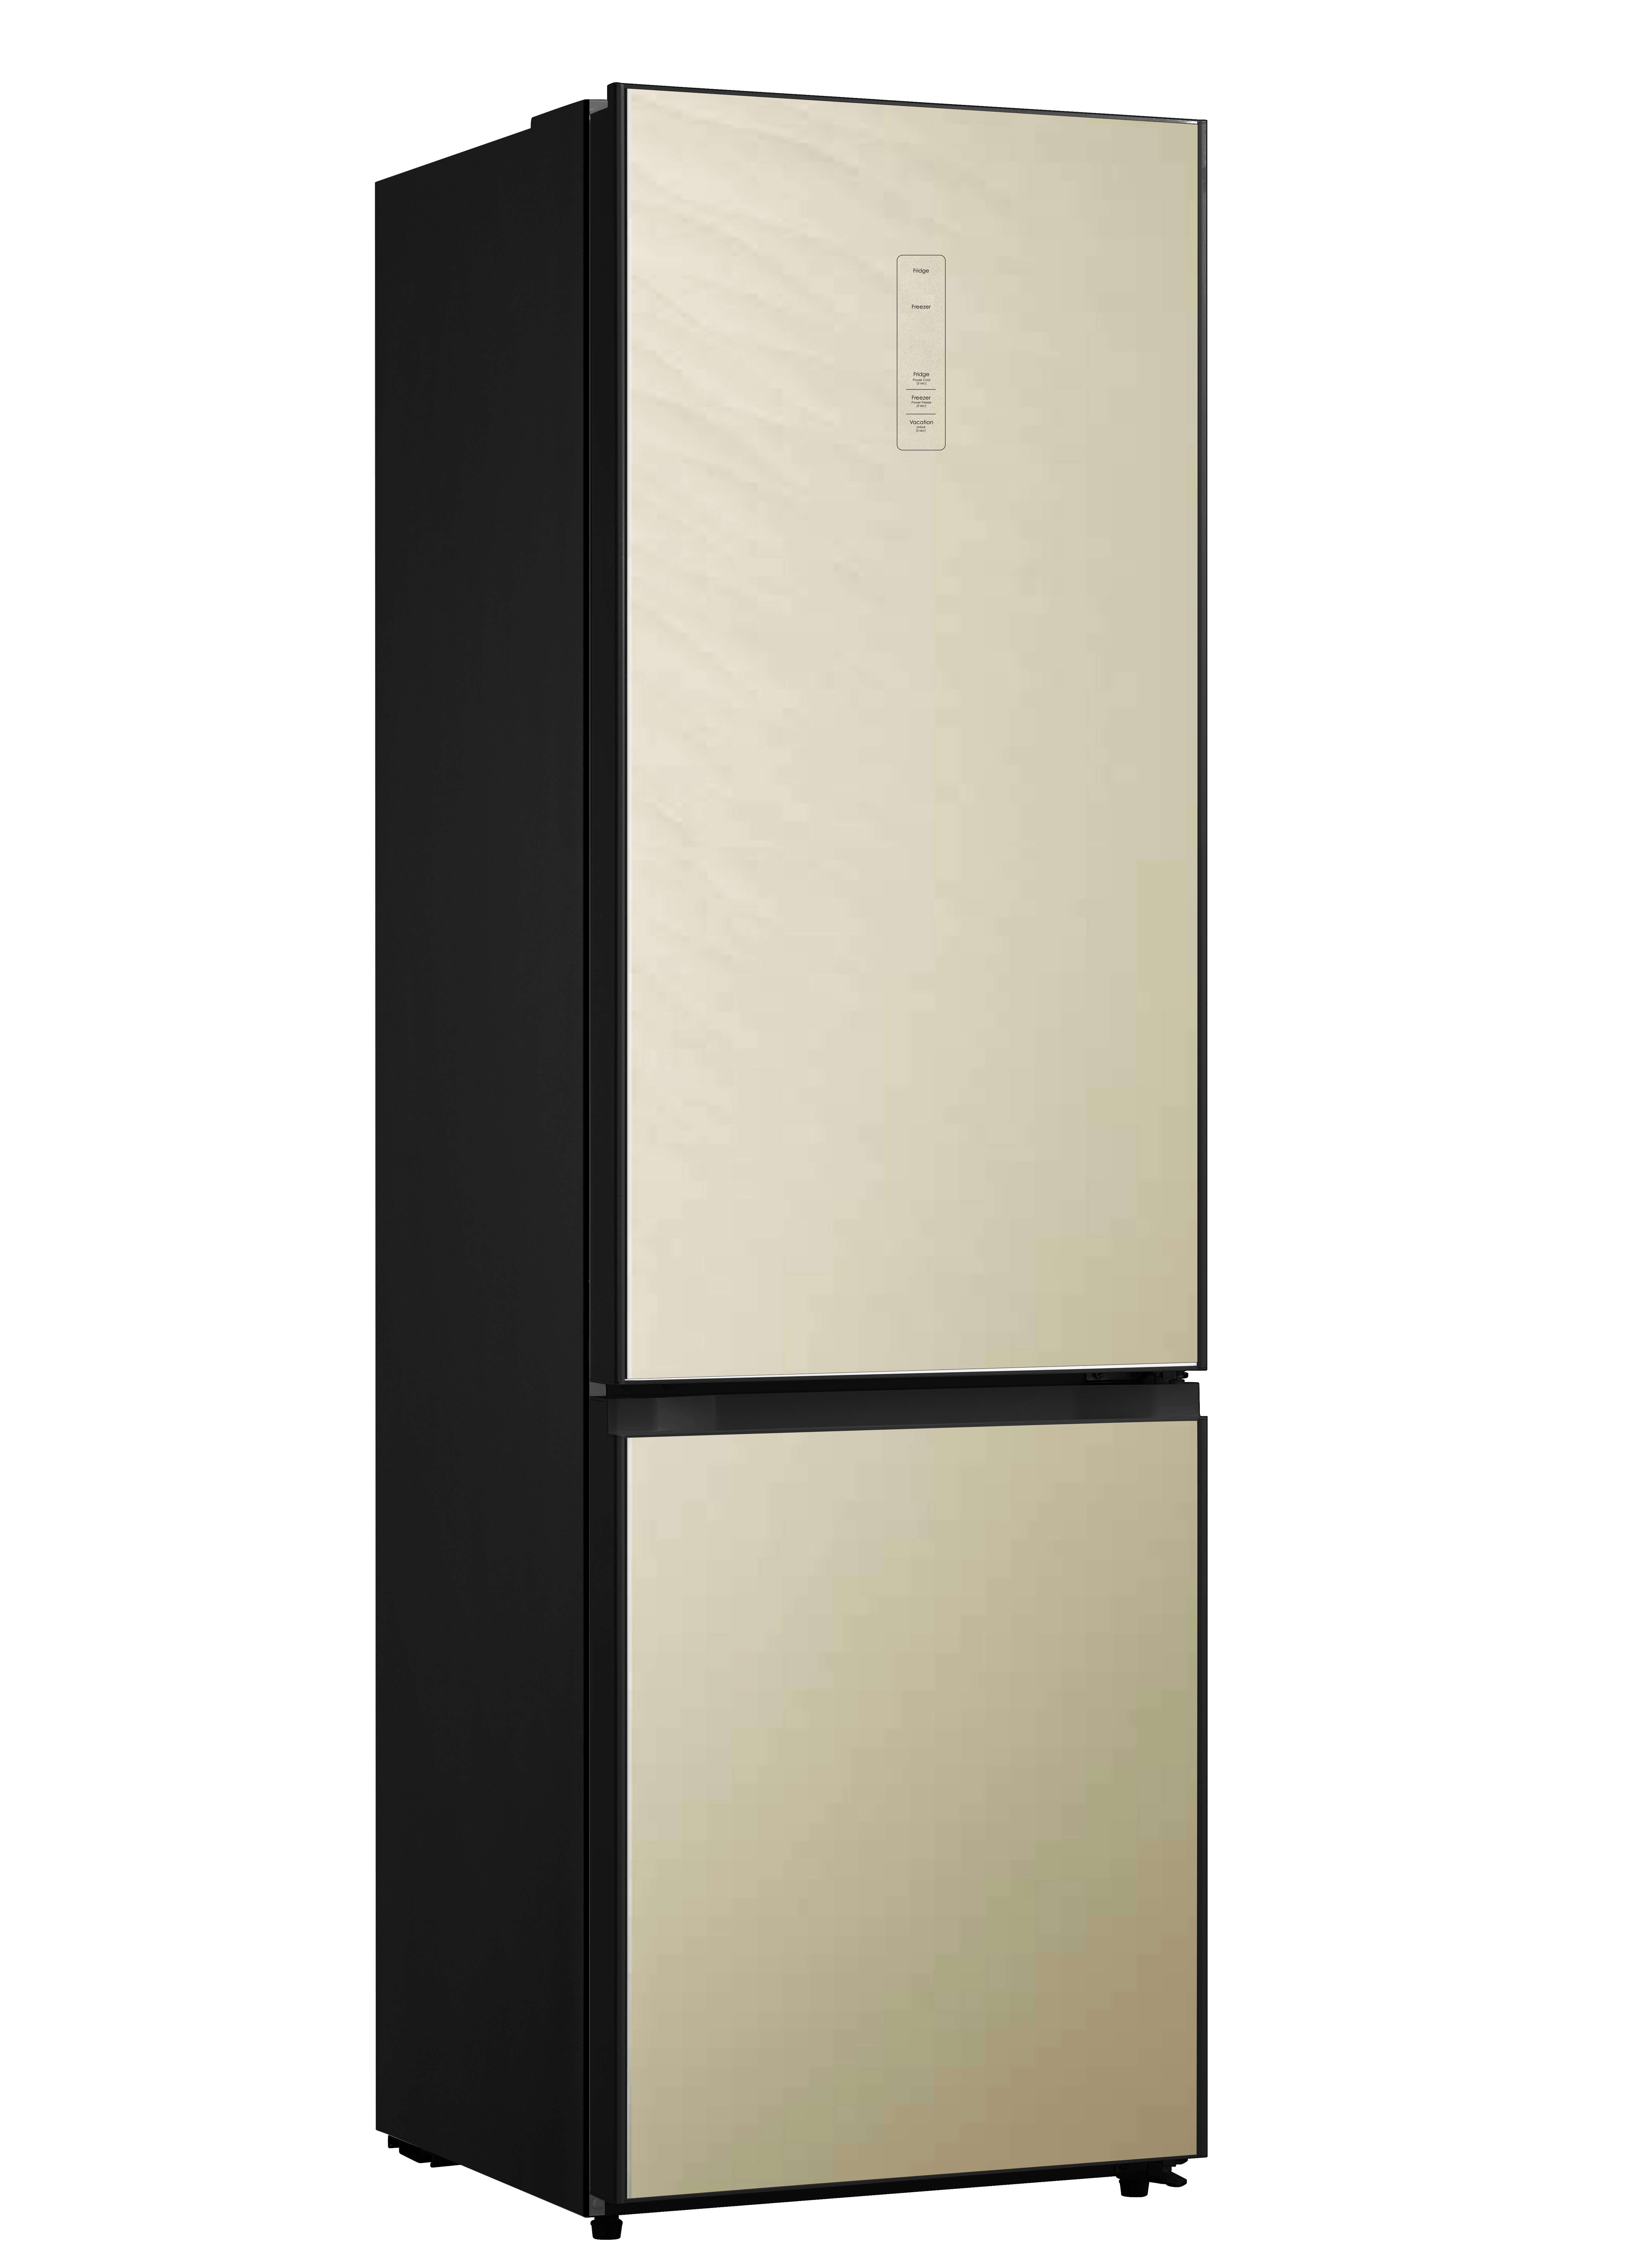 Холодильник Midea MRB519SFNGBE1 фото